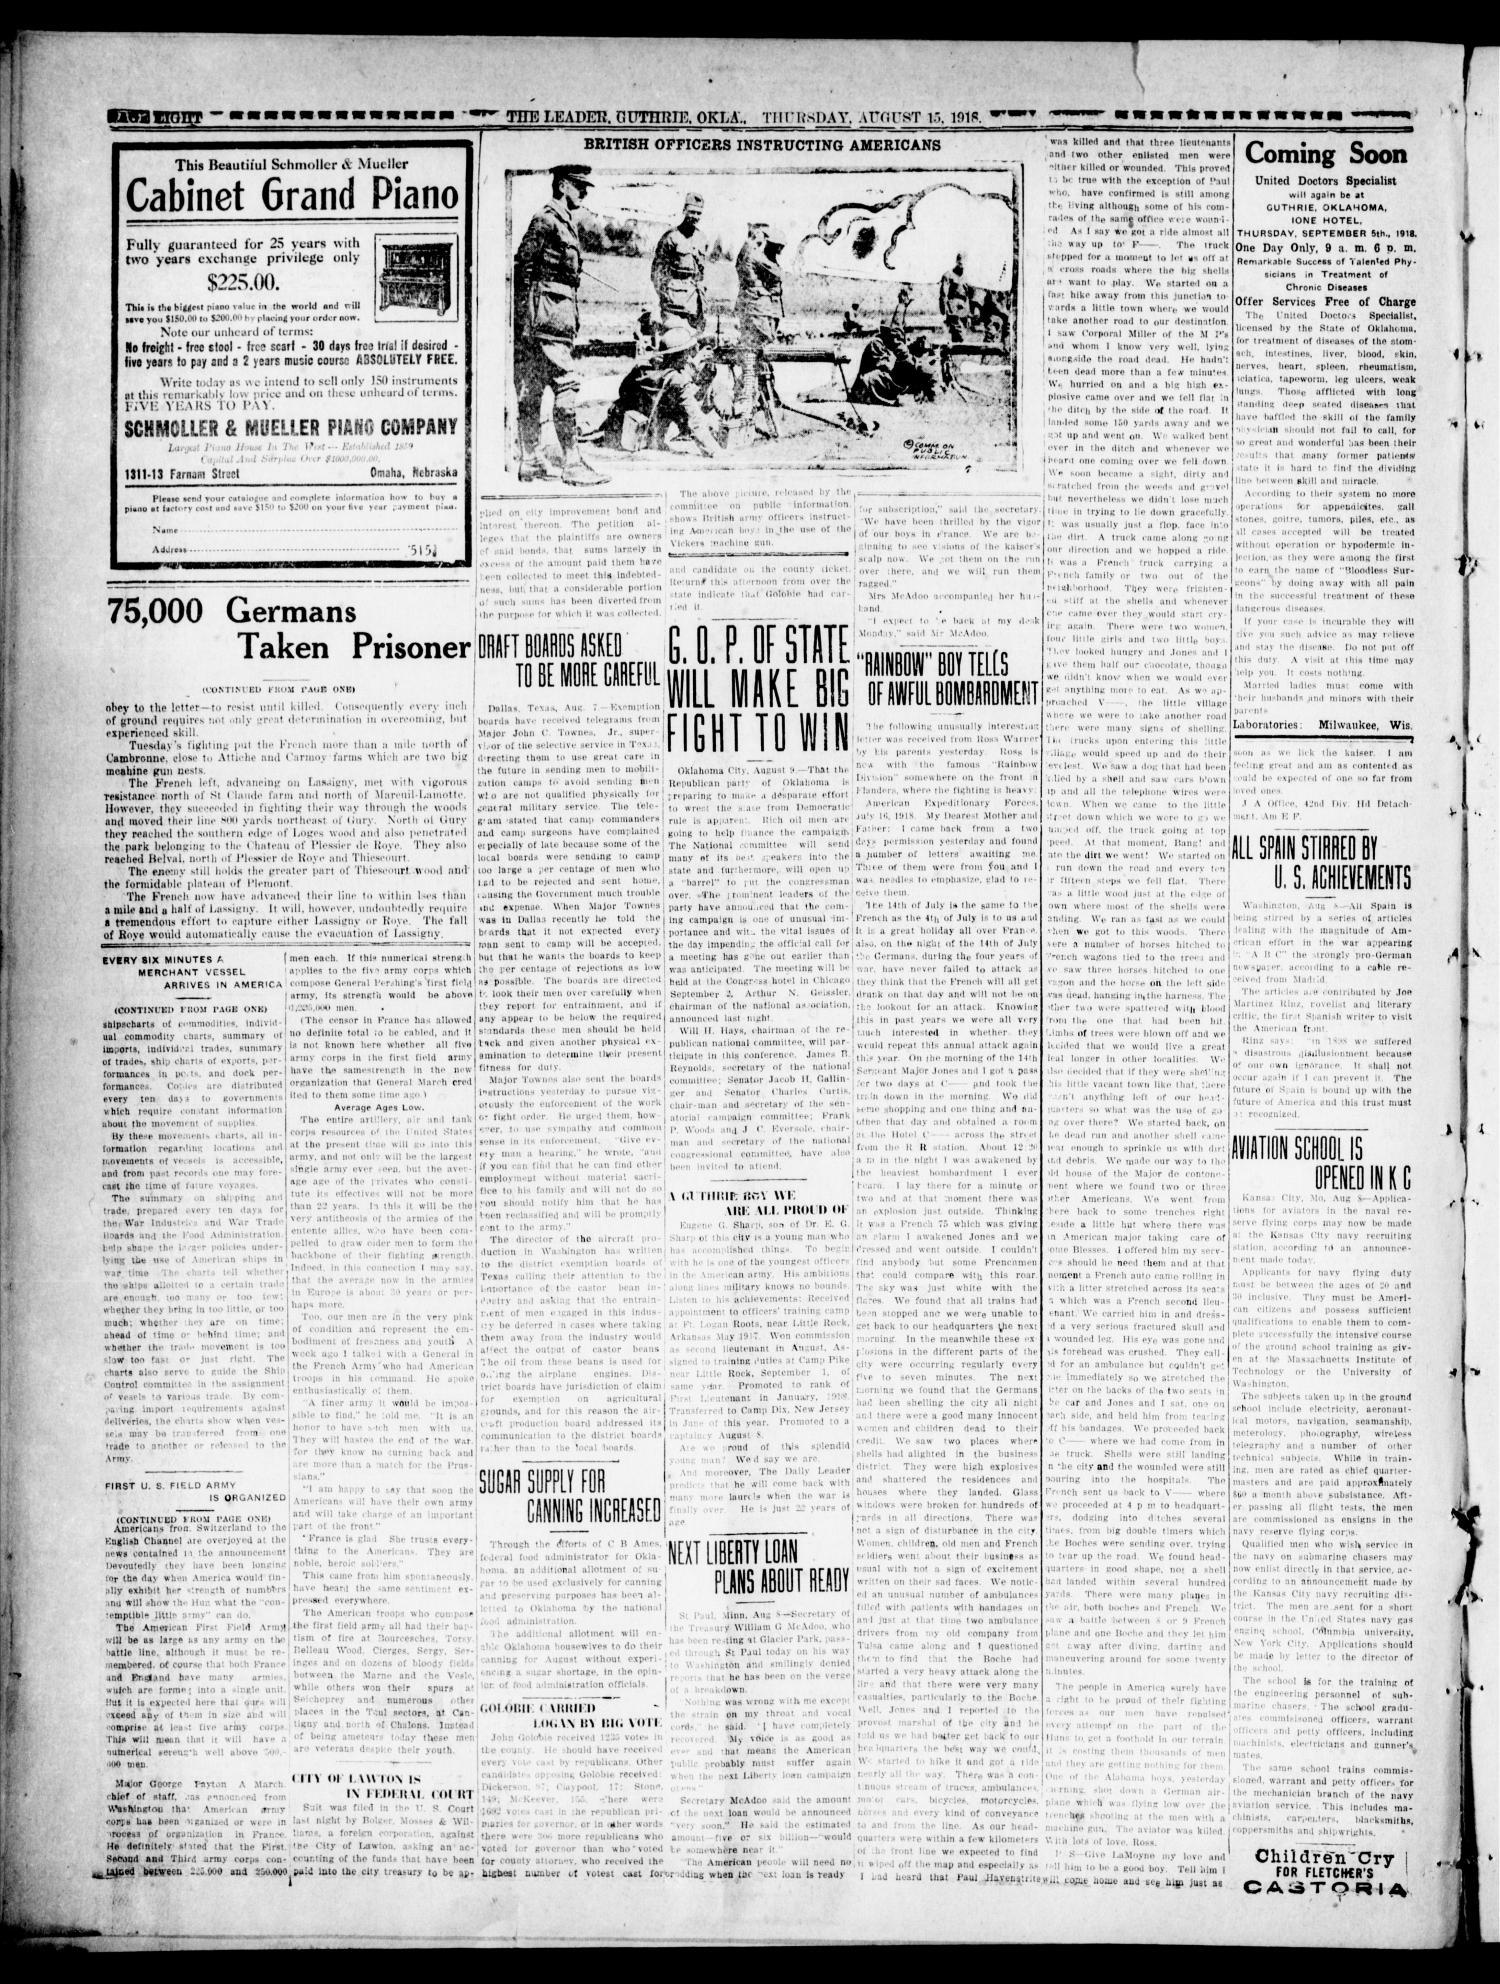 The Oklahoma Leader (Guthrie, Okla ), Vol  28, No  31, Ed  1